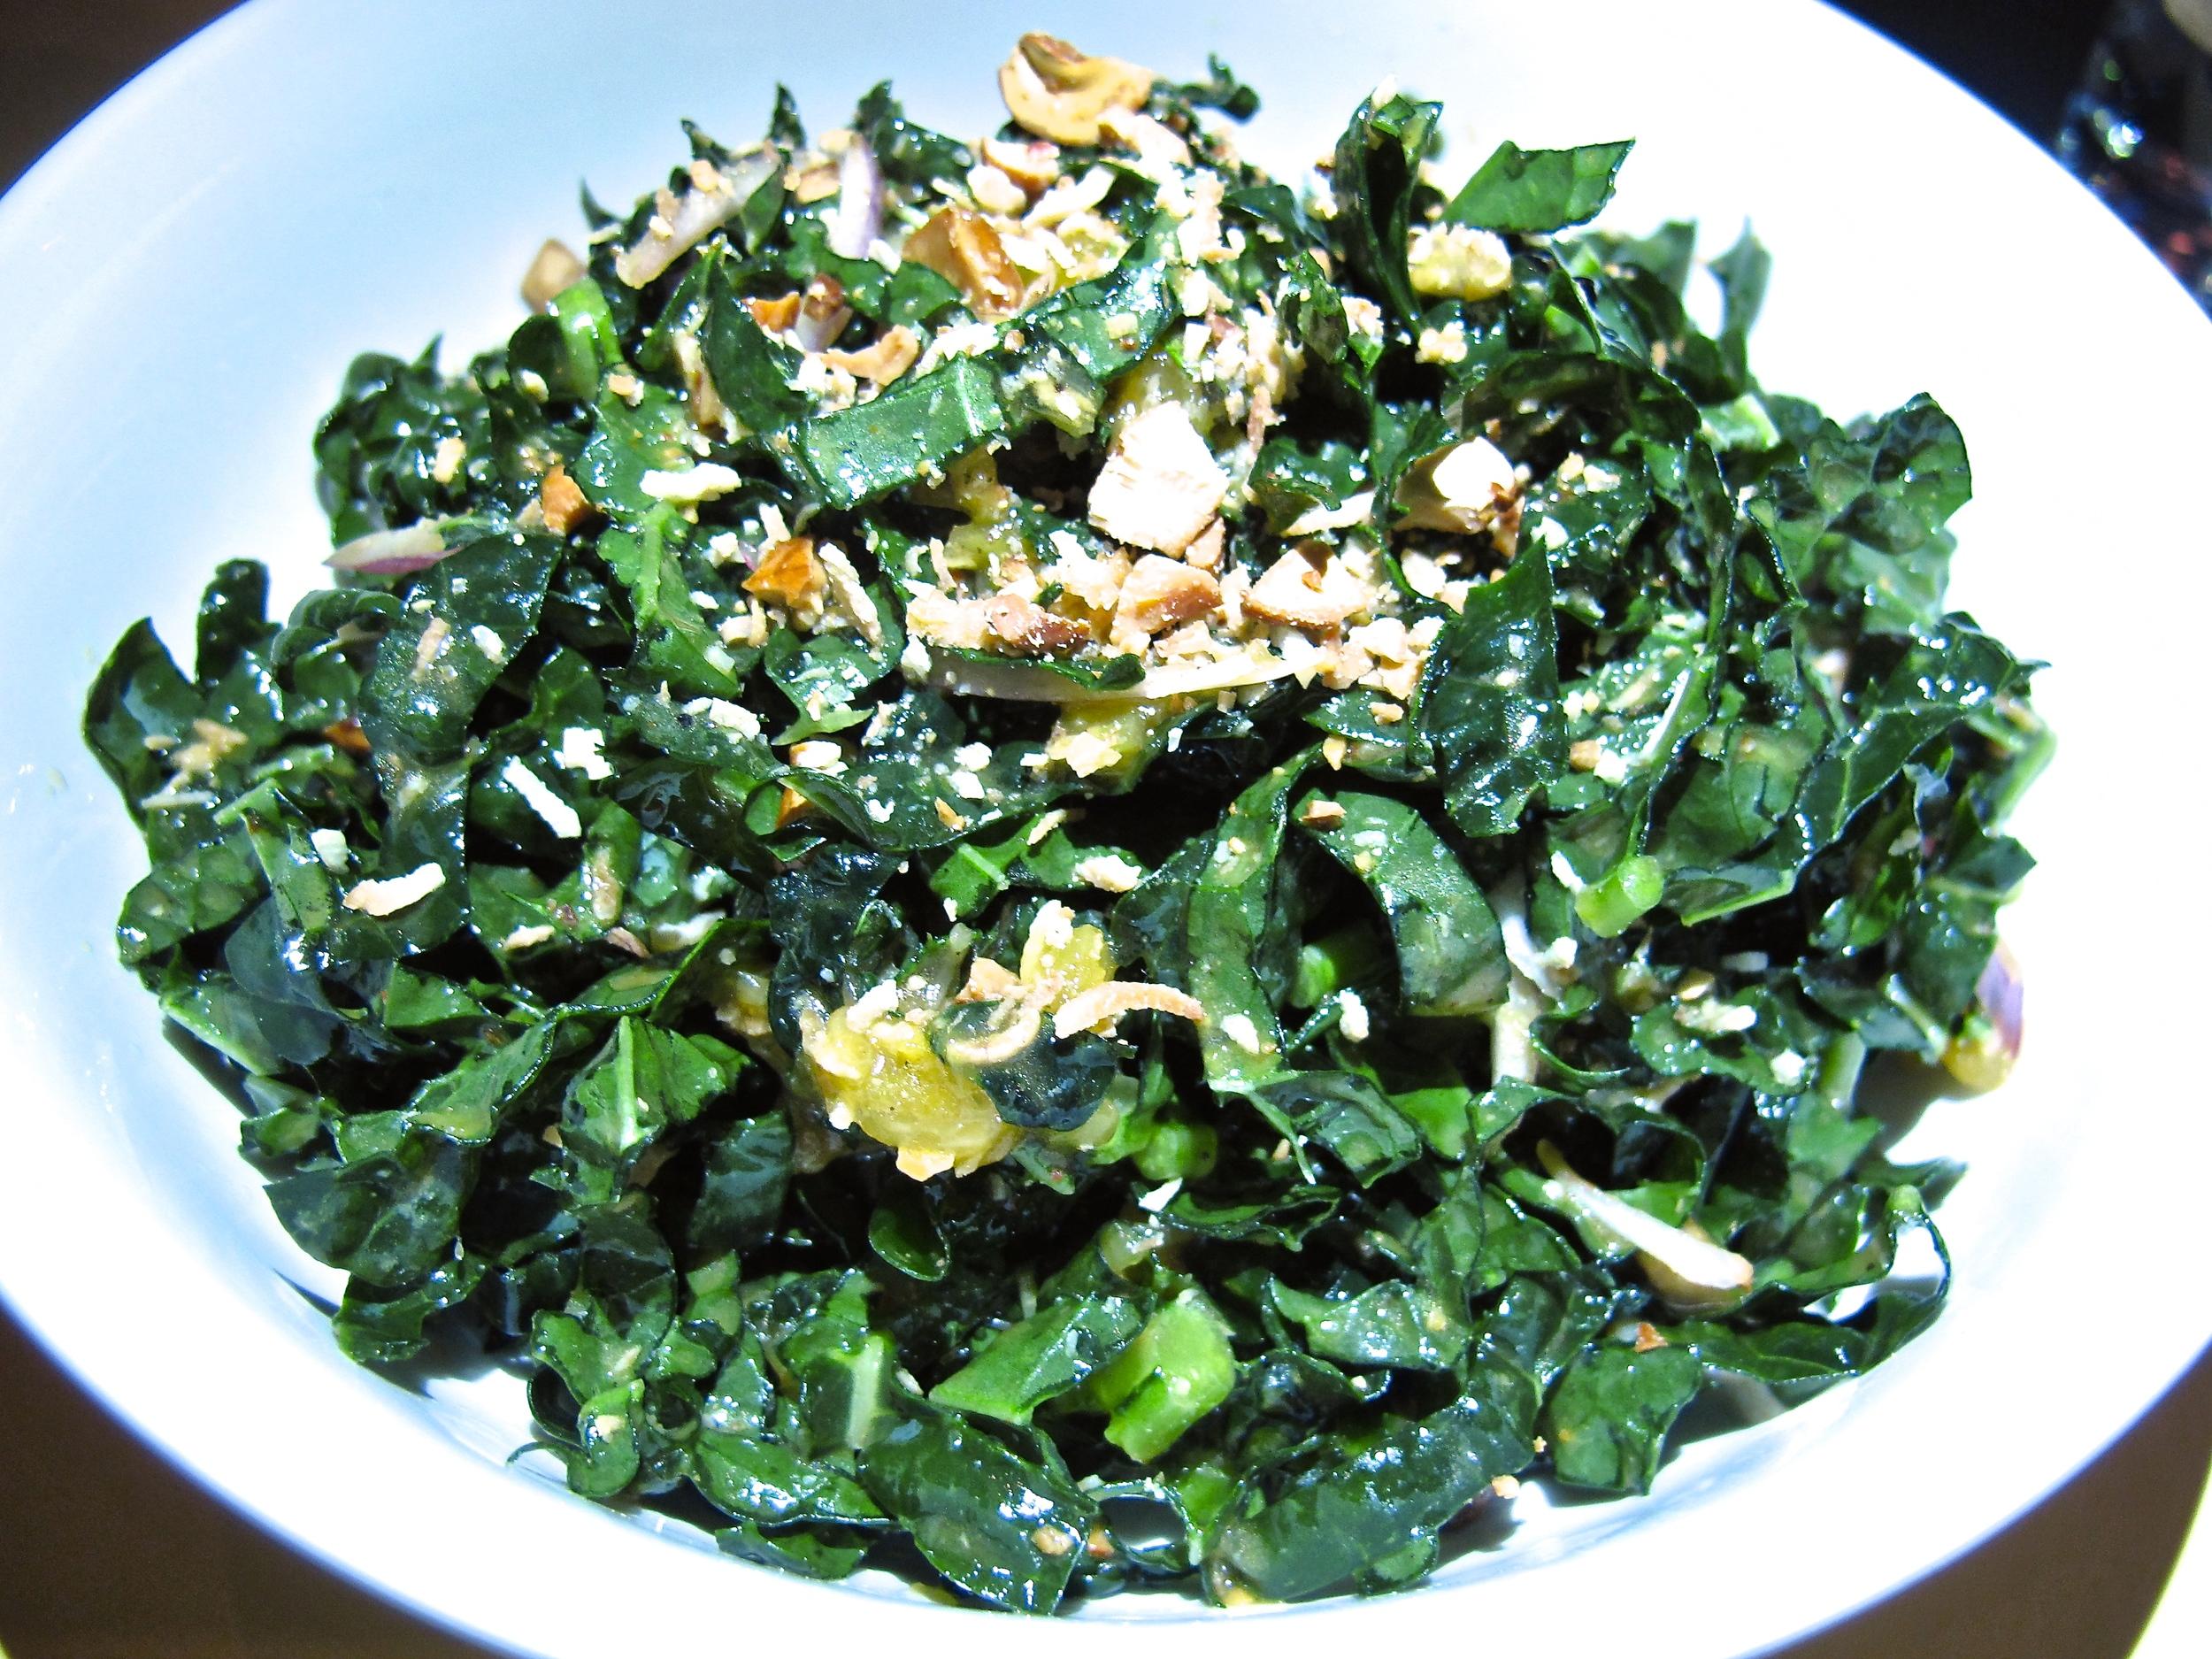 East Borough's kale salad